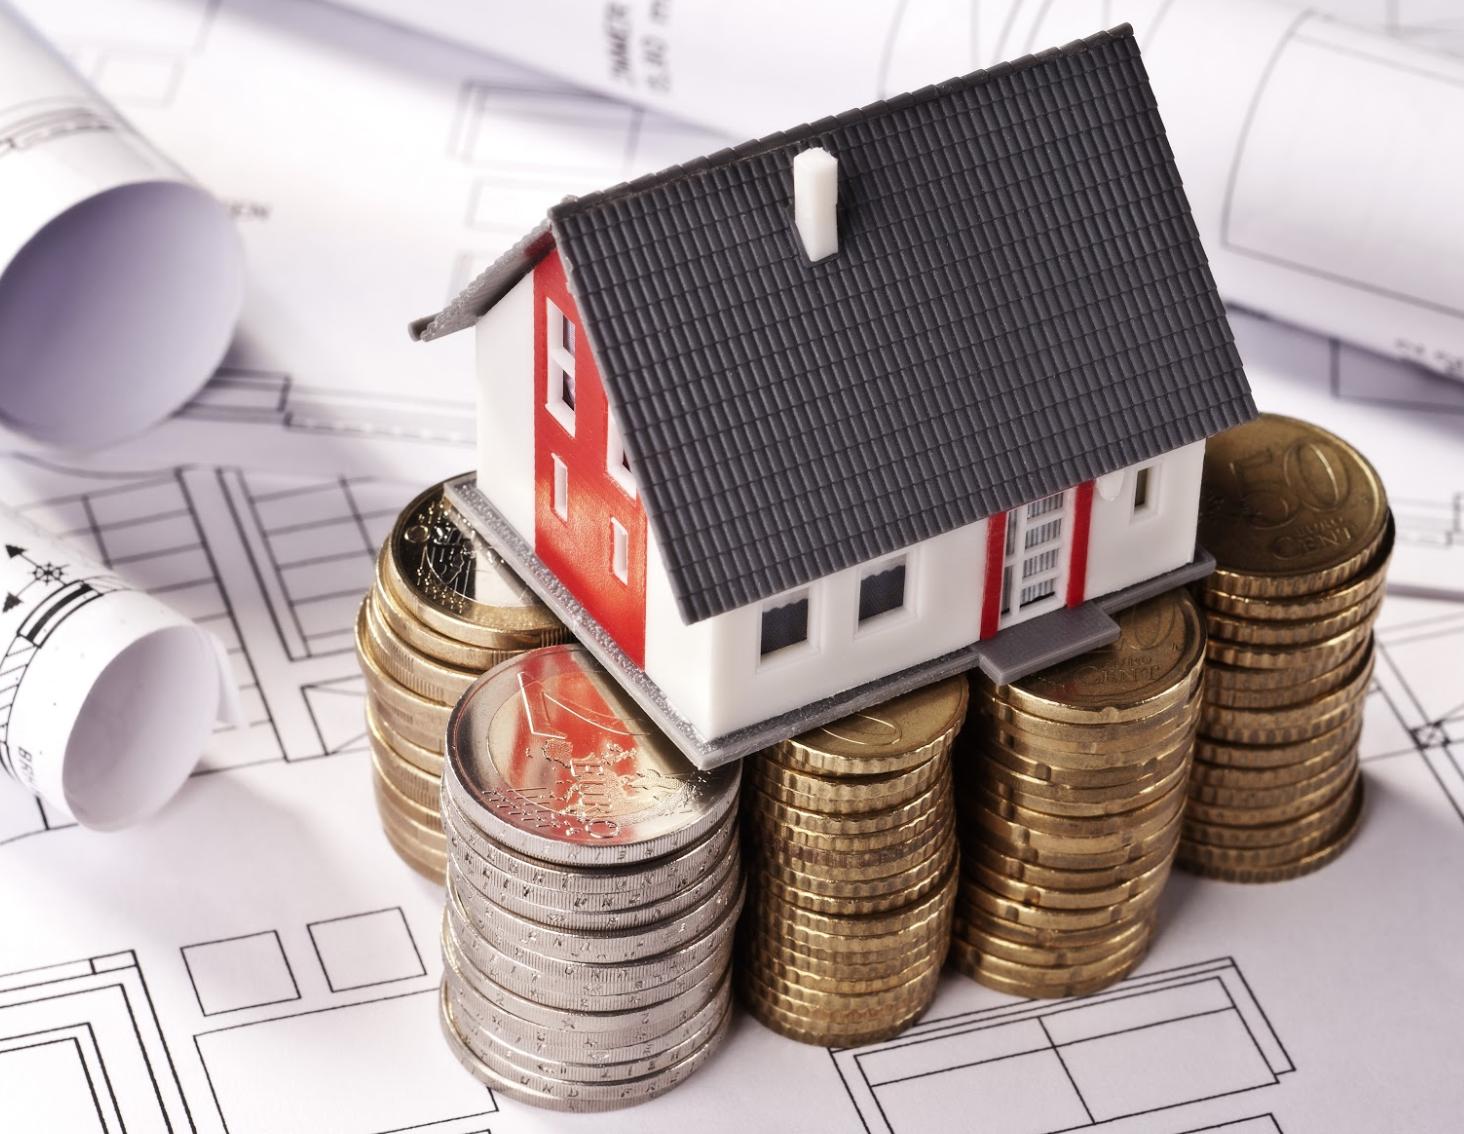 Noticias Chile | Se aprueba proyecto de ley para postergar hasta 6 meses tu crédito hipotecario